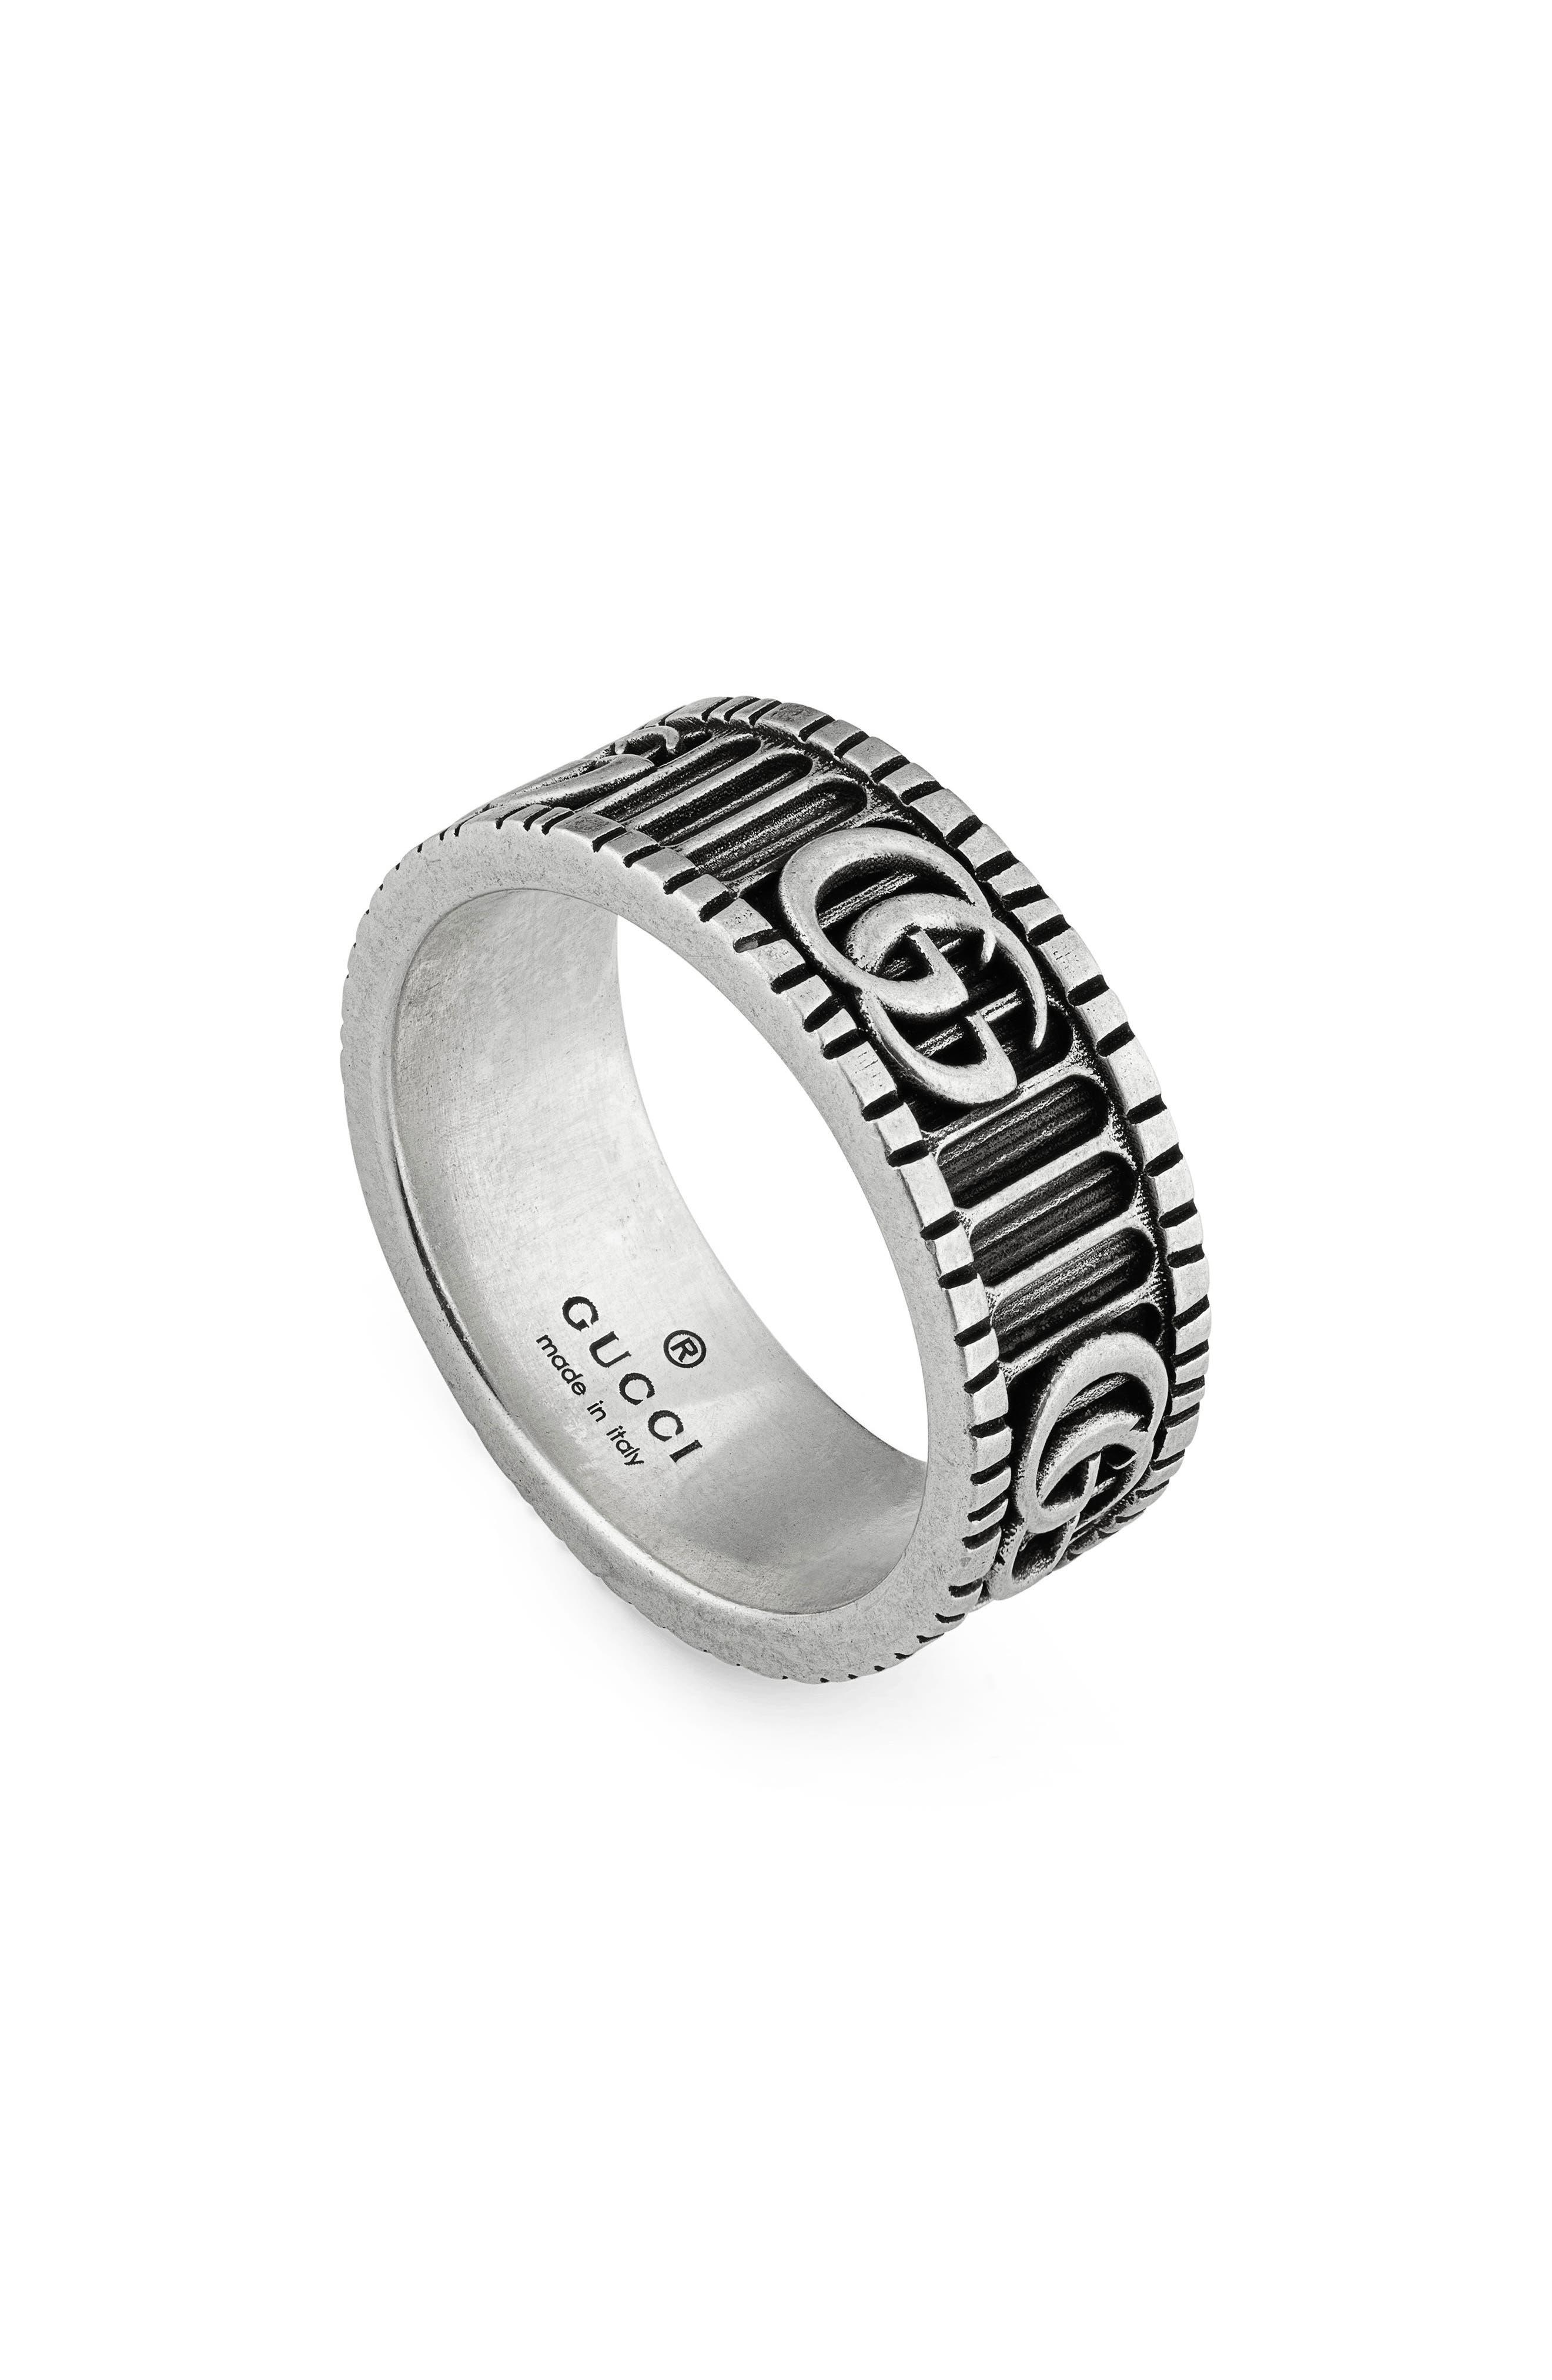 GUCCI, GG Marmont Band Ring, Main thumbnail 1, color, 040